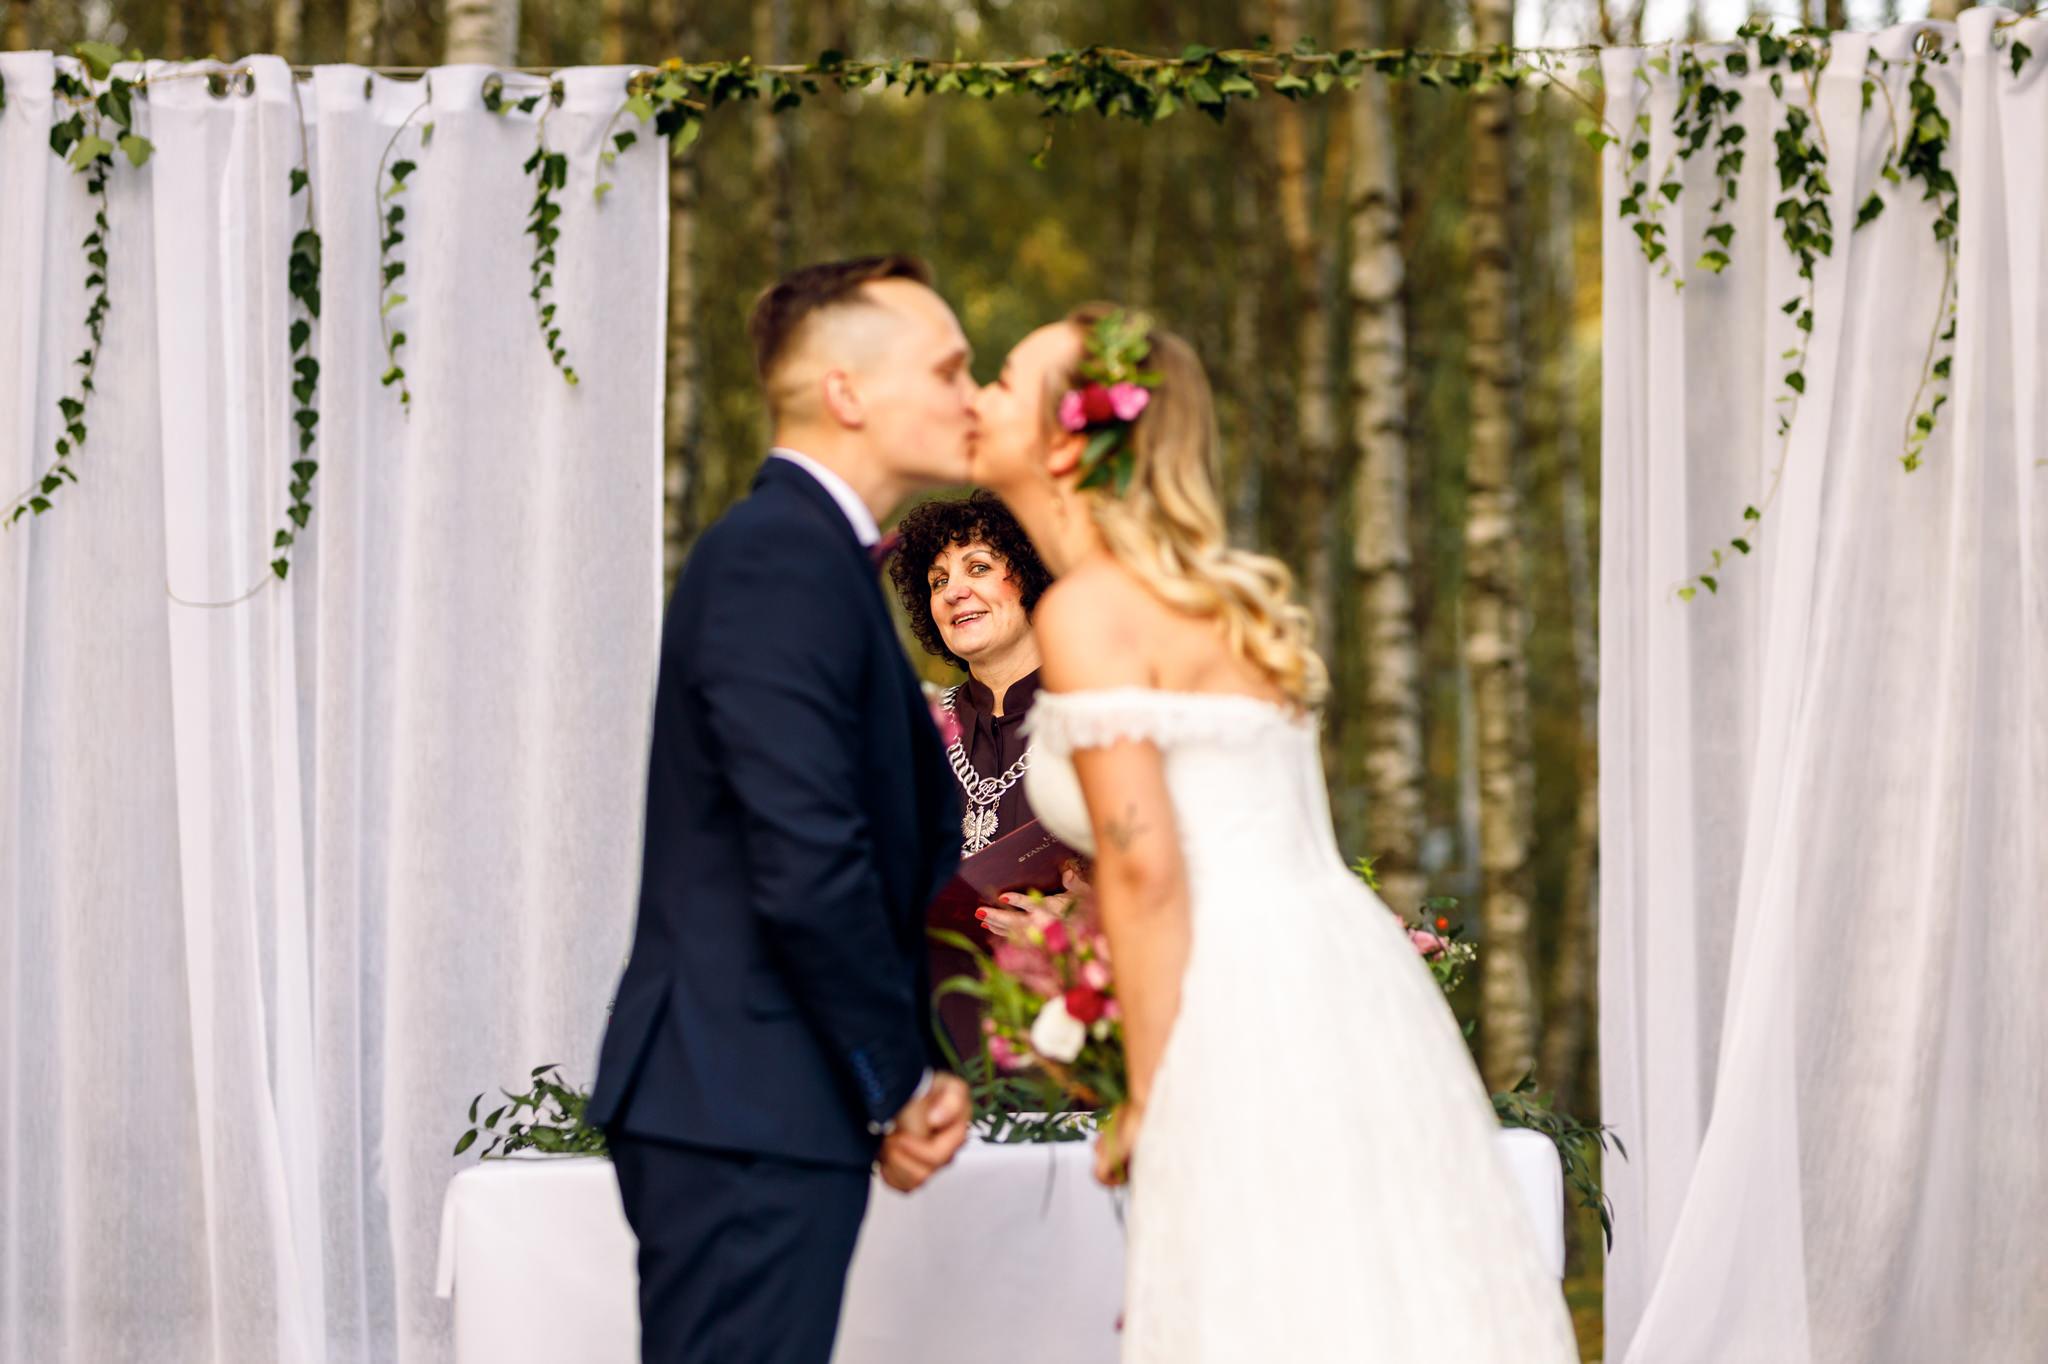 pocałunek pary młodej podczas ślubu plenerowego